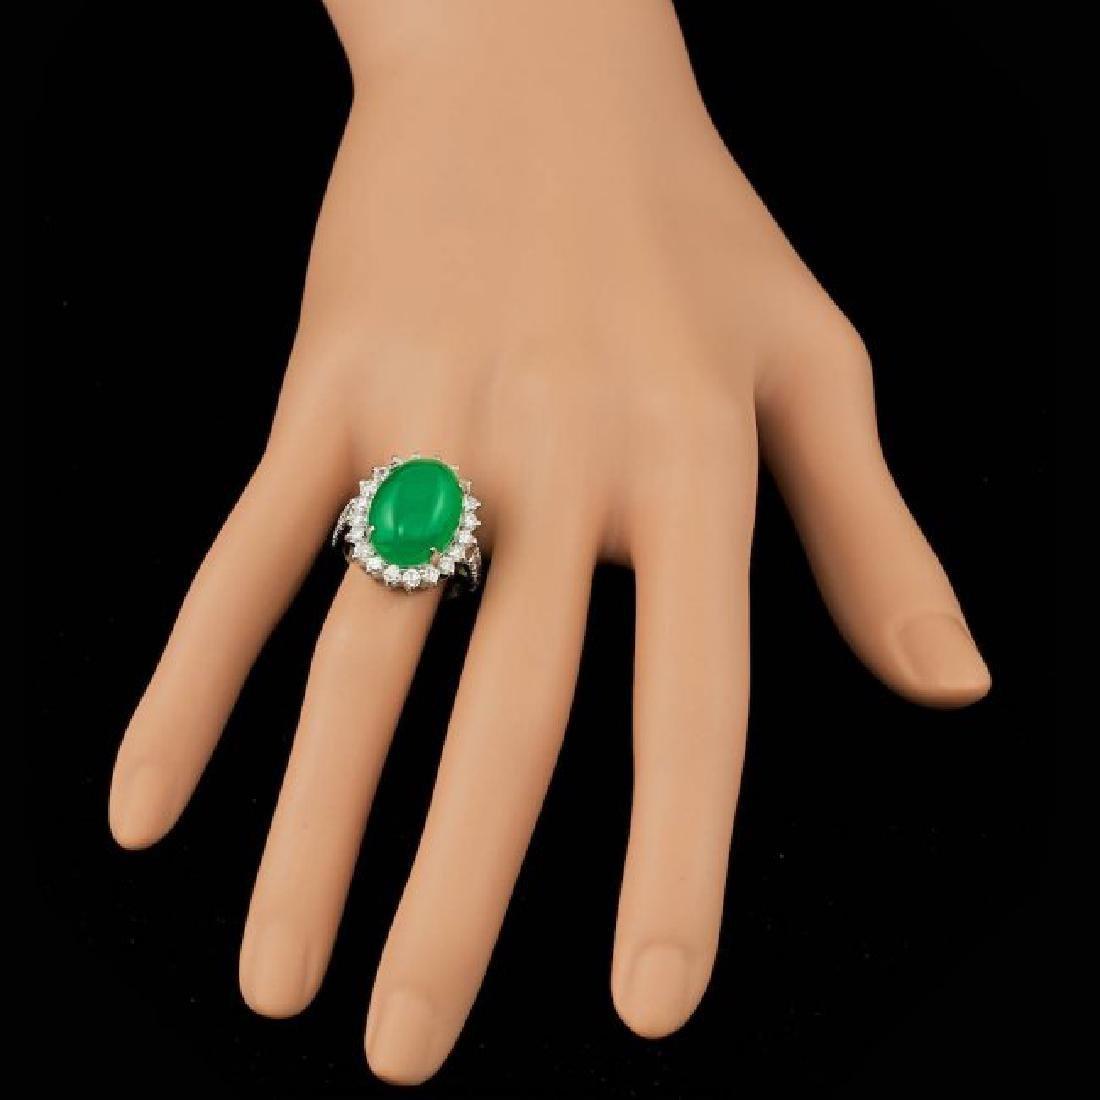 14k White Gold 9.50ct Jade 1.40ct Diamond Ring - 4